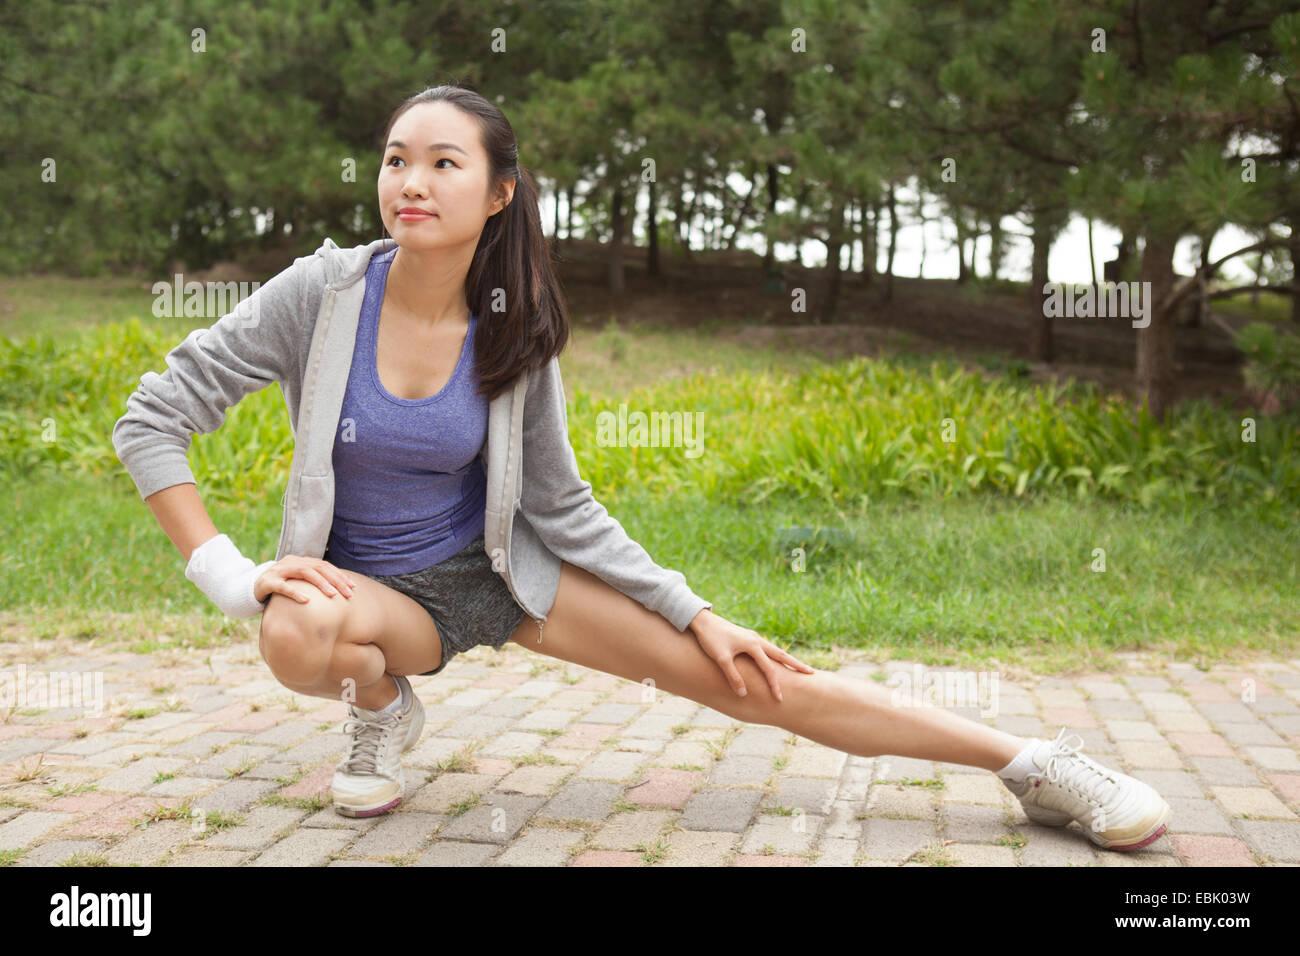 Giovani femmine runner stretching gambe in posizione di parcheggio Immagini Stock